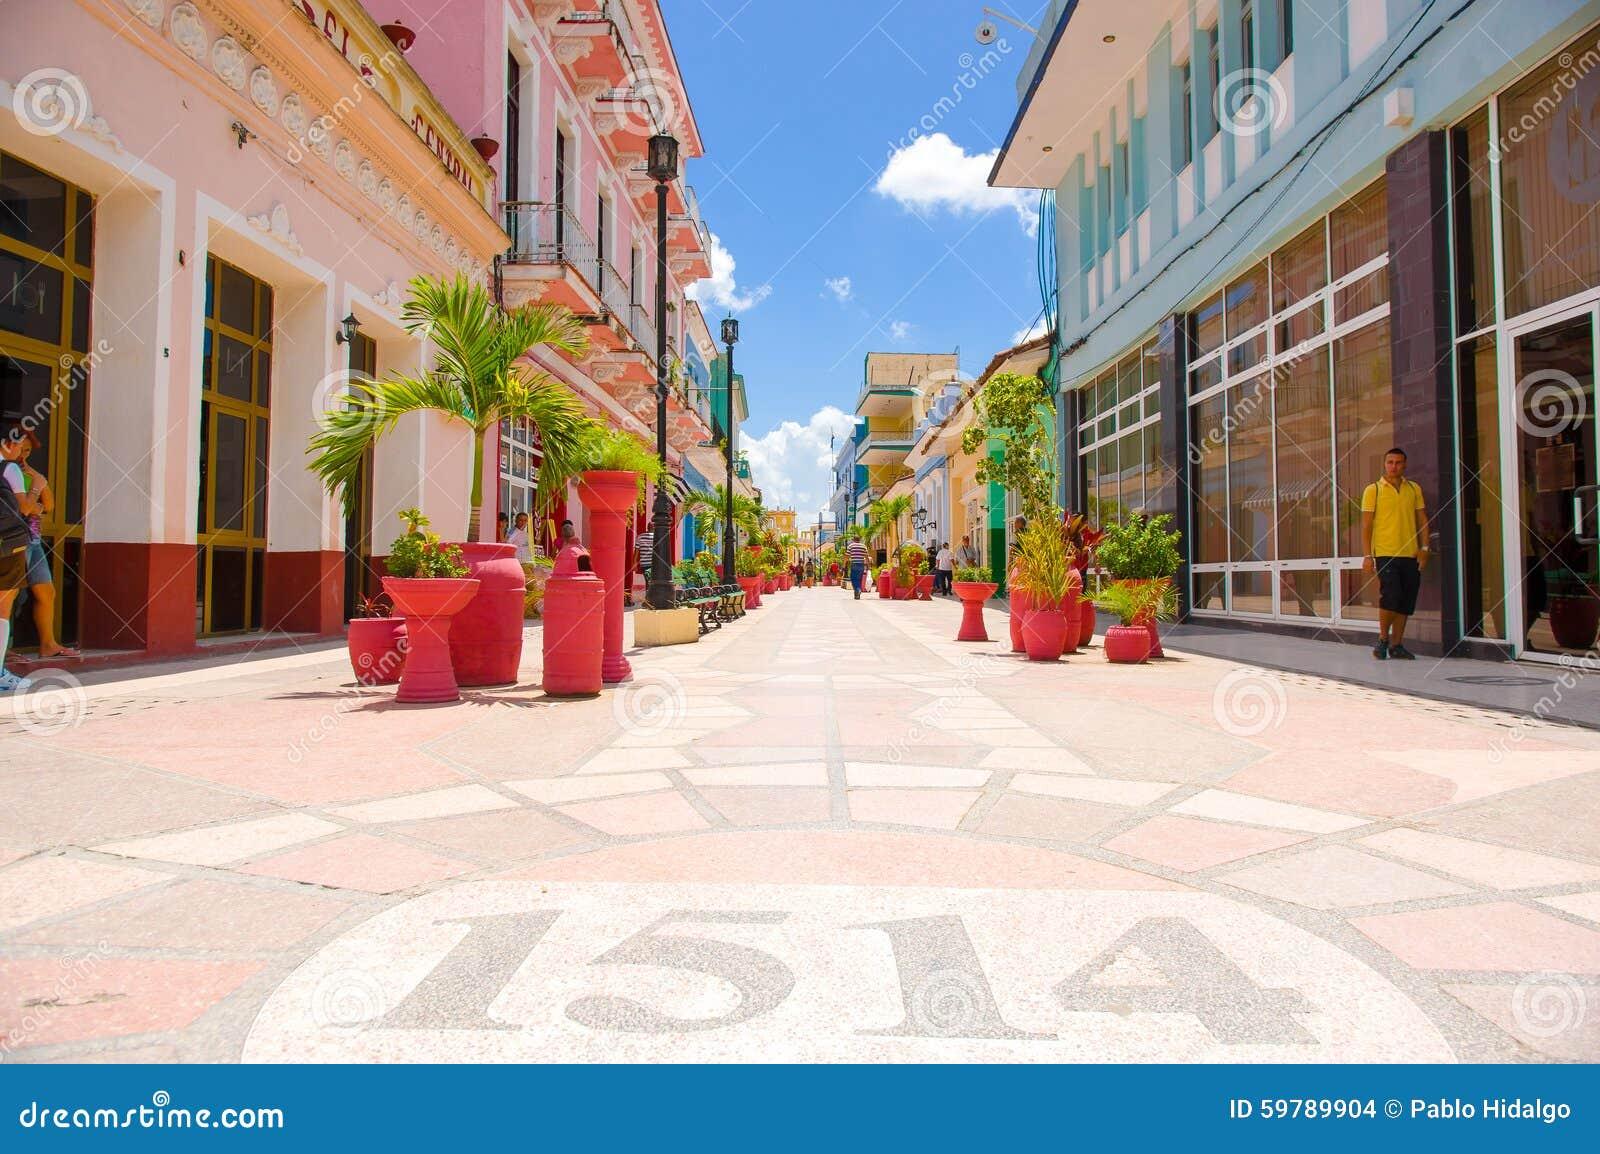 SANCTI SPIRITUS, CUBA - SEPTEMBER 5, 2015: Latin